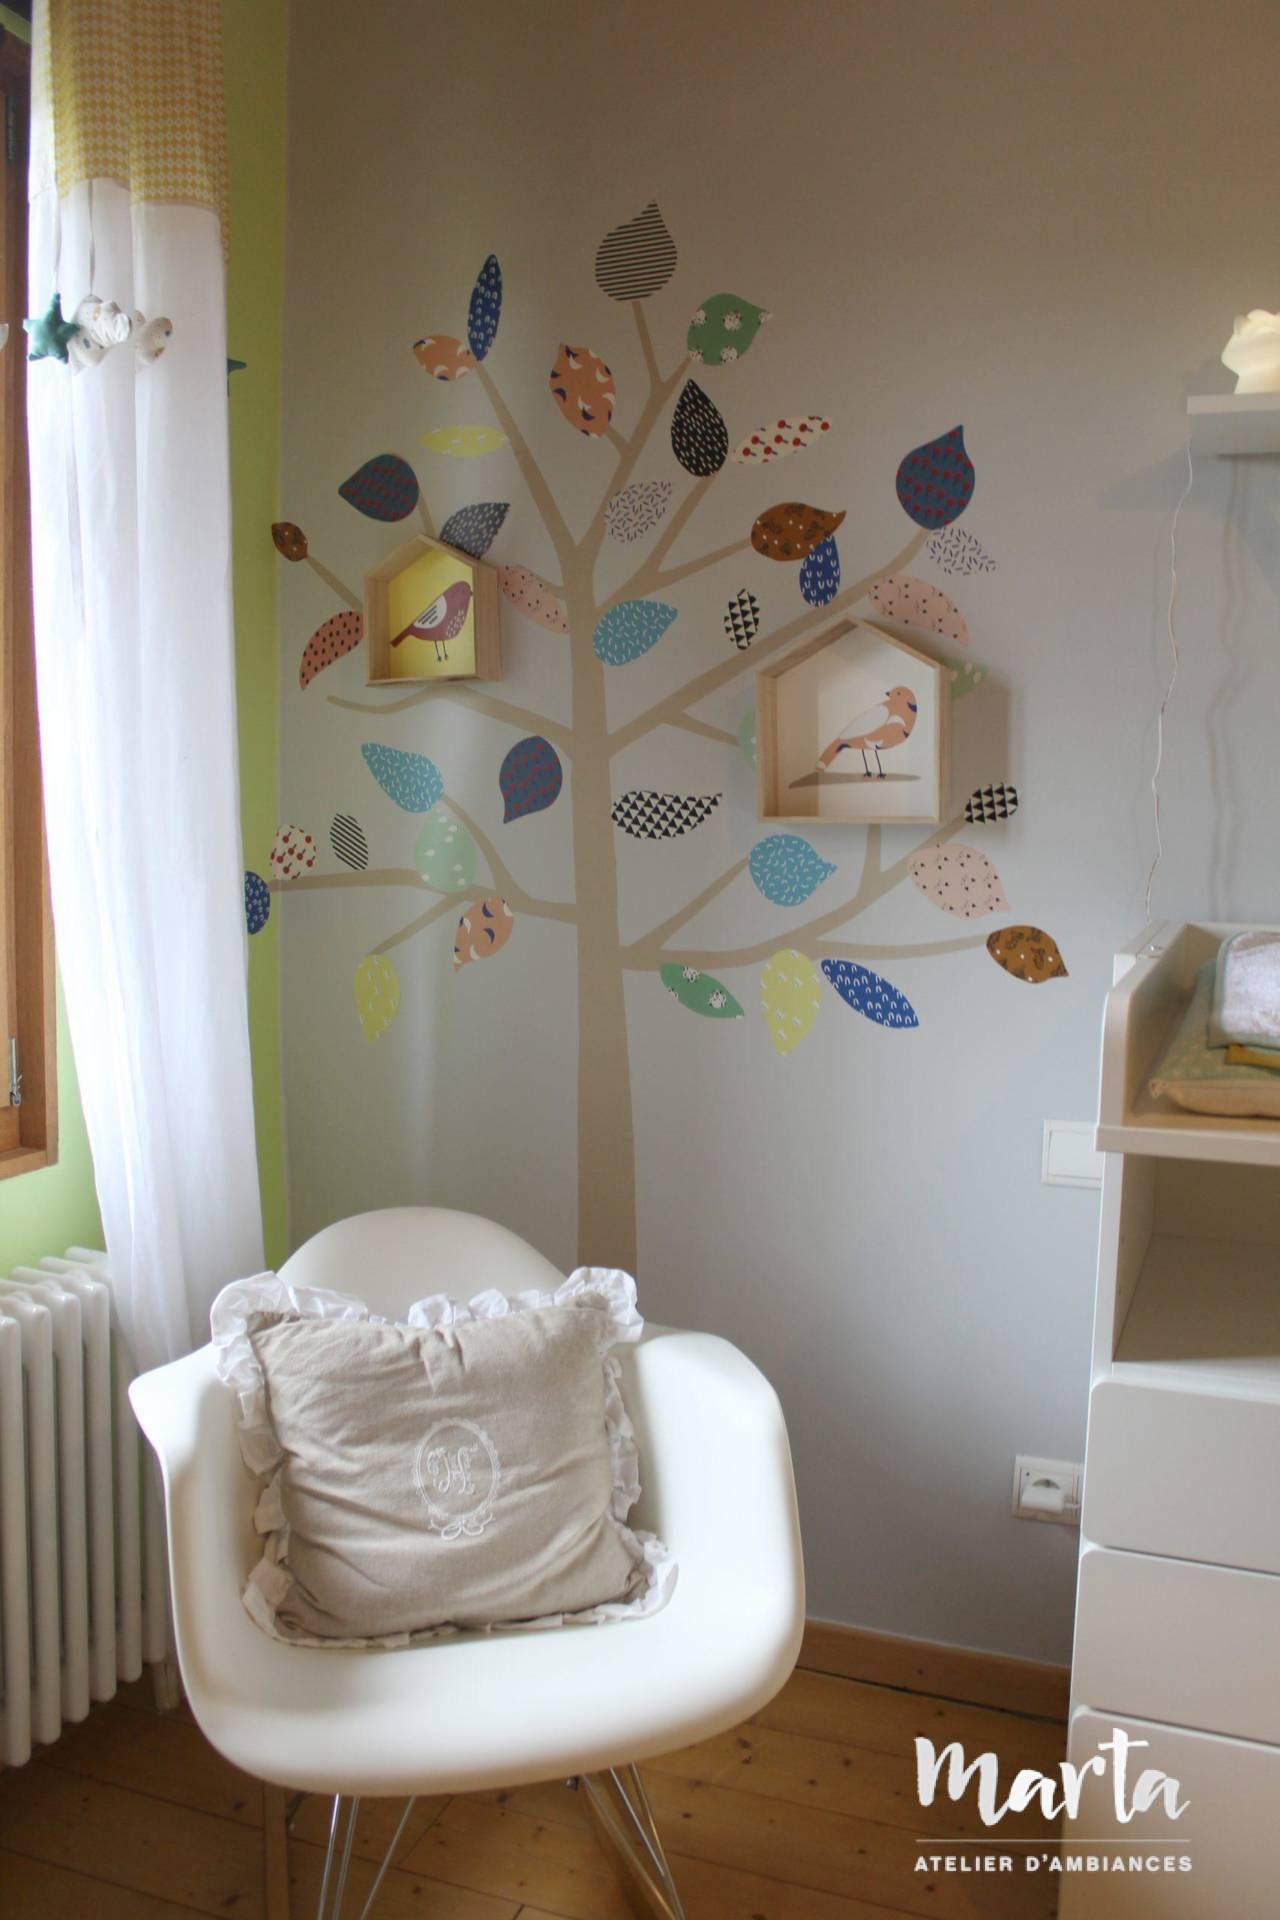 oin de détente pour maman et bébé, embelli par un joli sticker d'arbre avec des oiseaux, par Marta Atelier d'Ambiances, Architecte d'intérieur à Mulhouse, Alsace